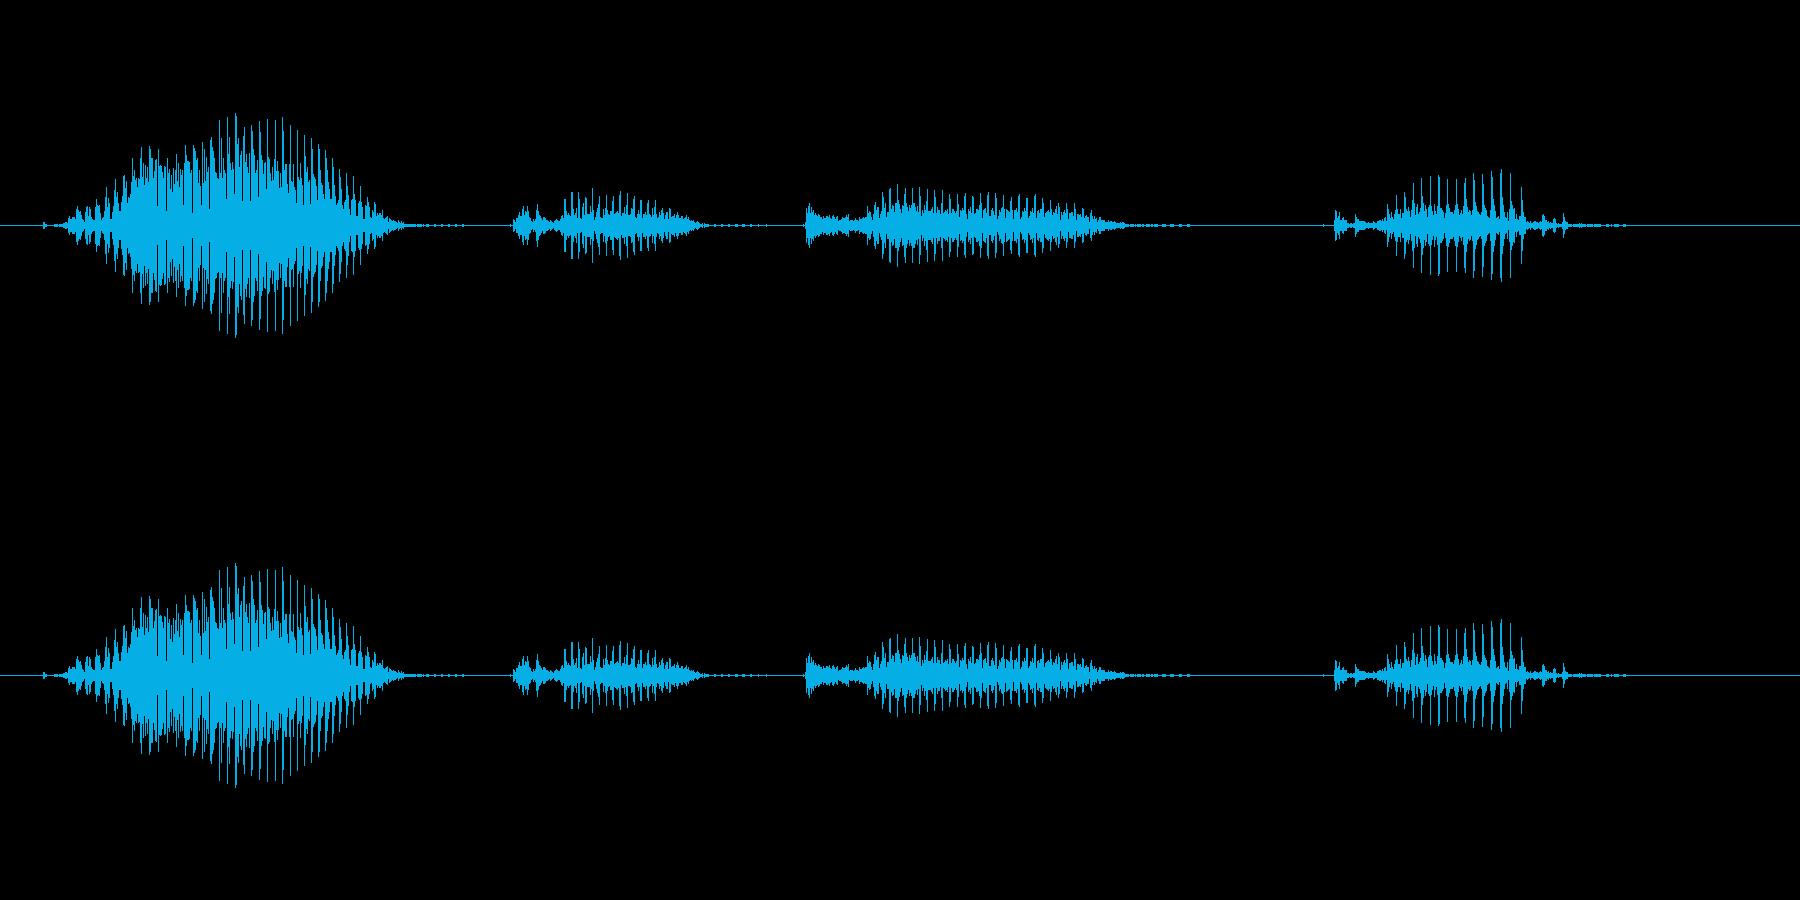 【日数・経過】8日経過の再生済みの波形